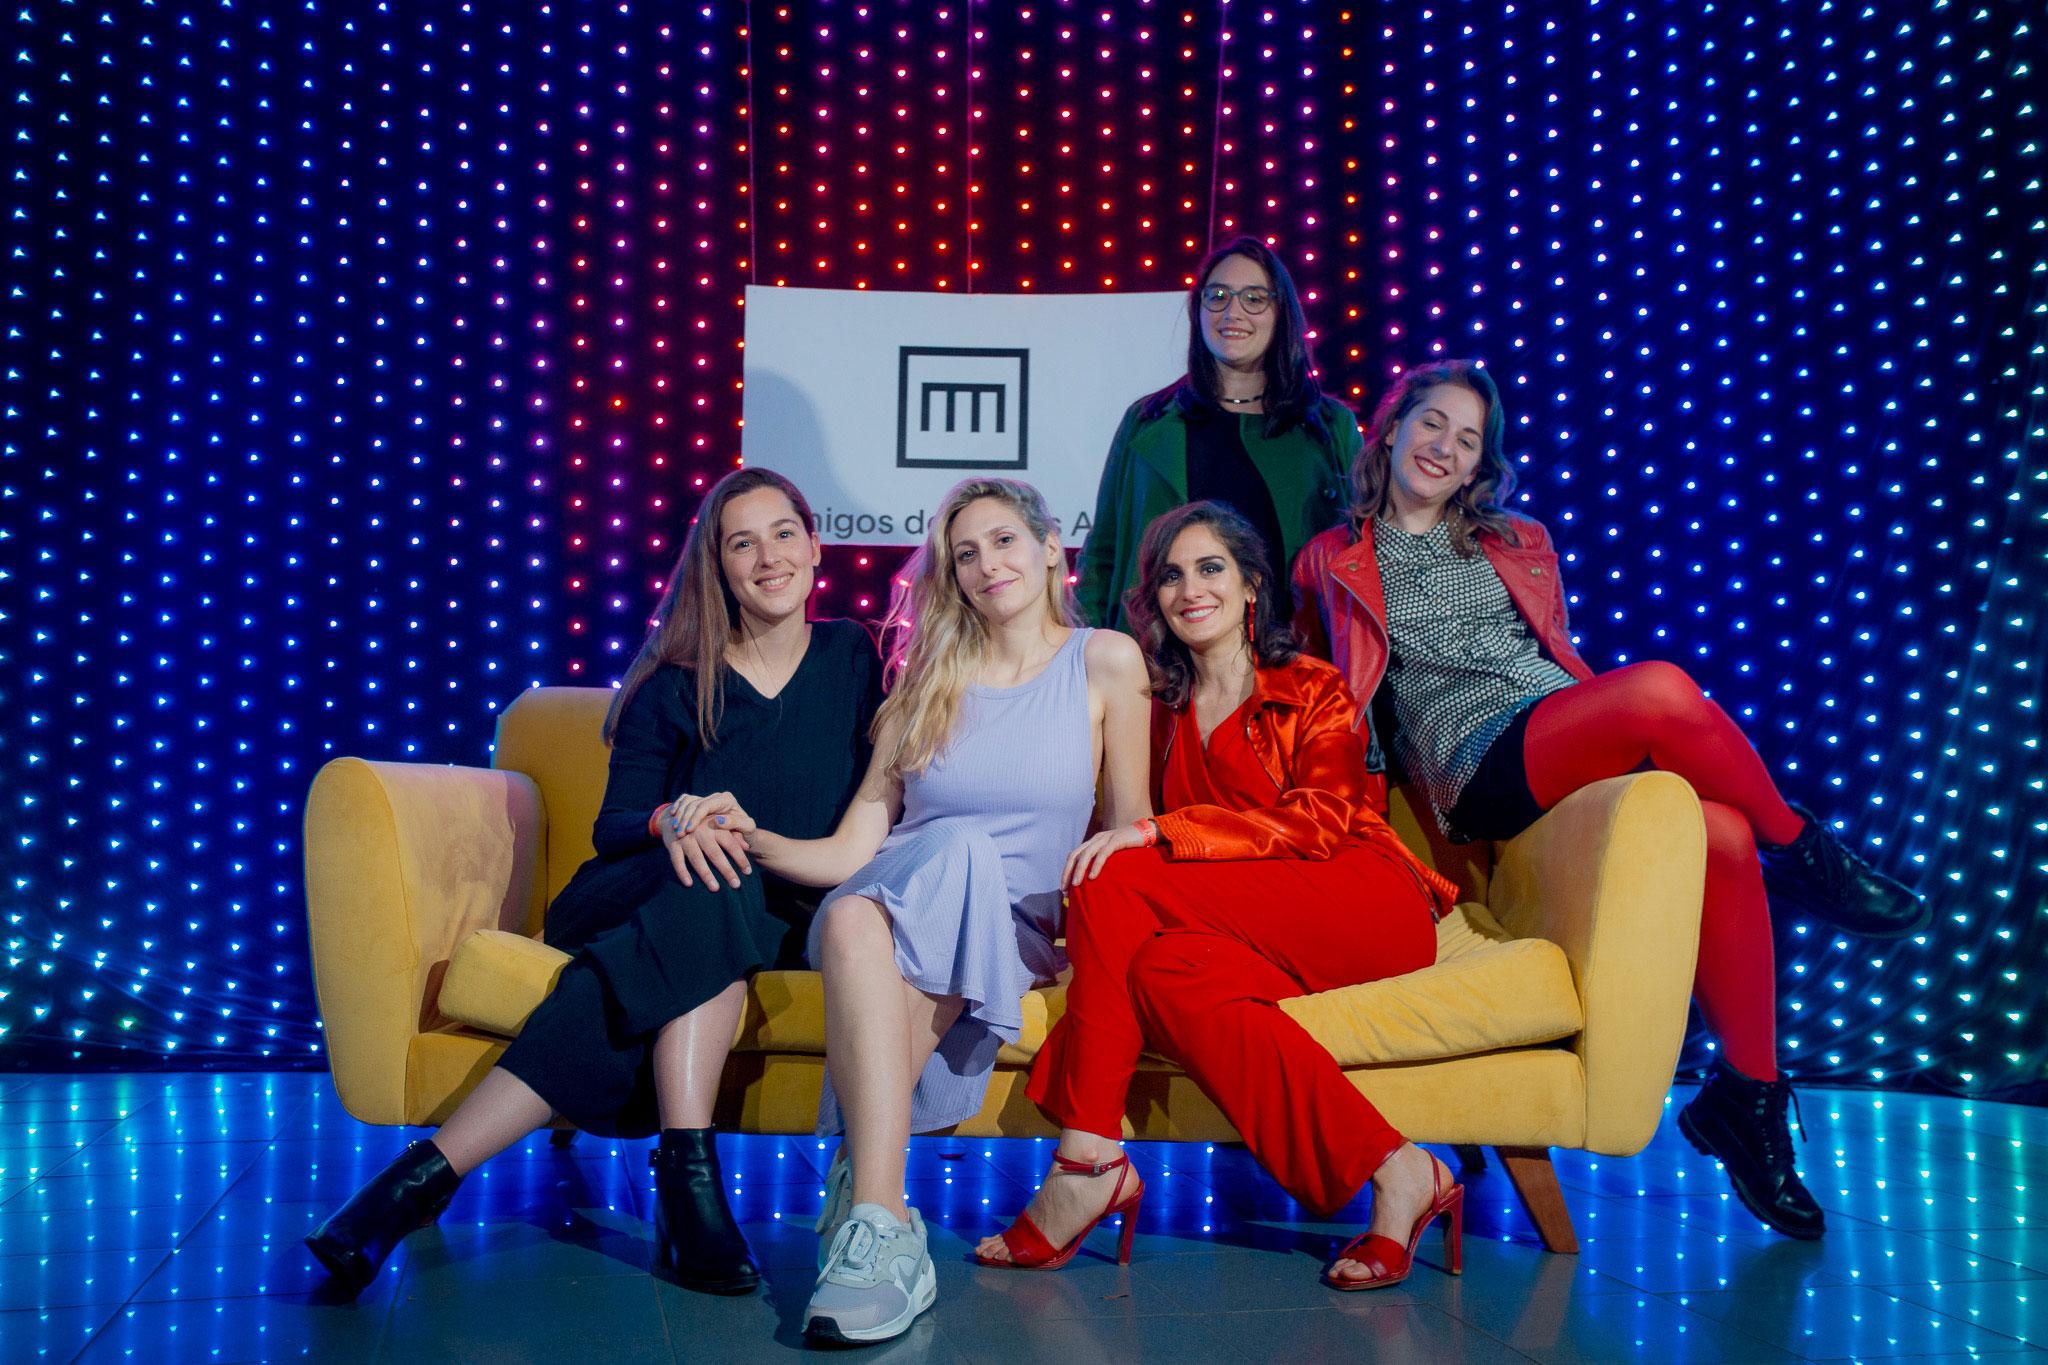 Elene Bruchez, Marlene Binder Meli, Camila De La Cruz, Ailin Staicos y Sofía Pinto